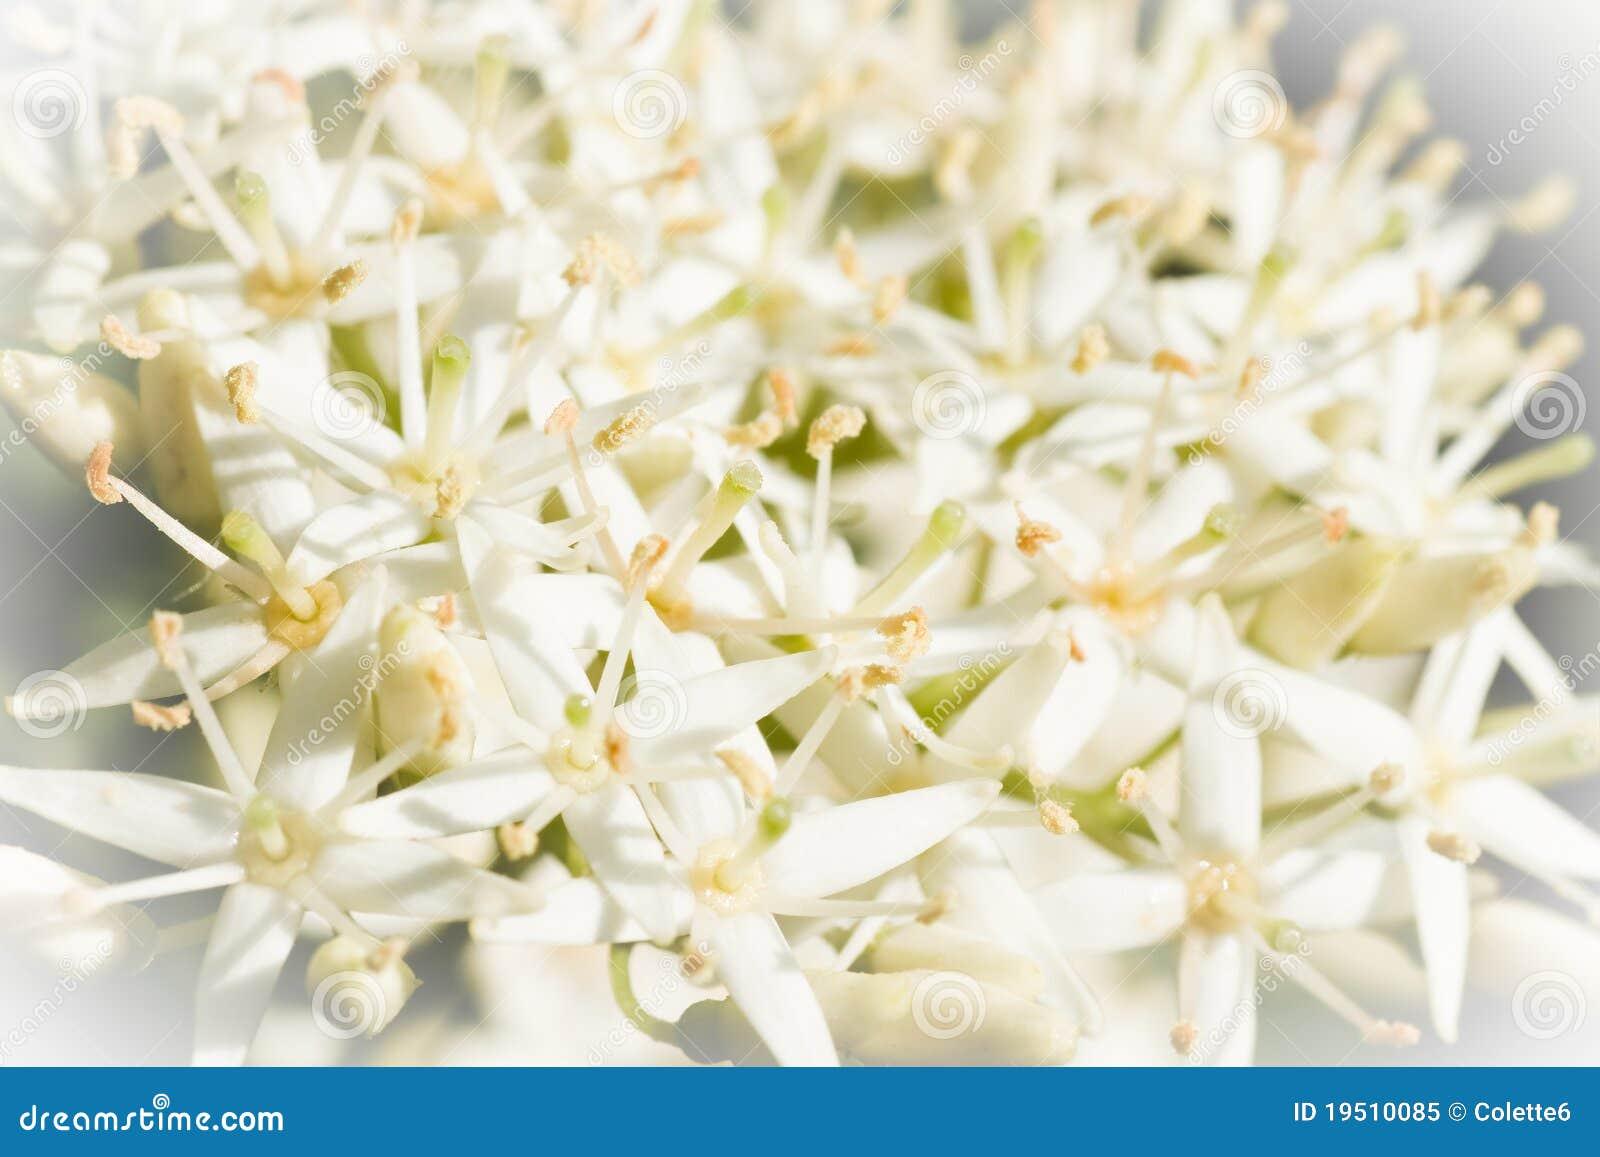 Fiori bianchi molto piccoli della sorgente nella vista for Fiori piccoli bianchi